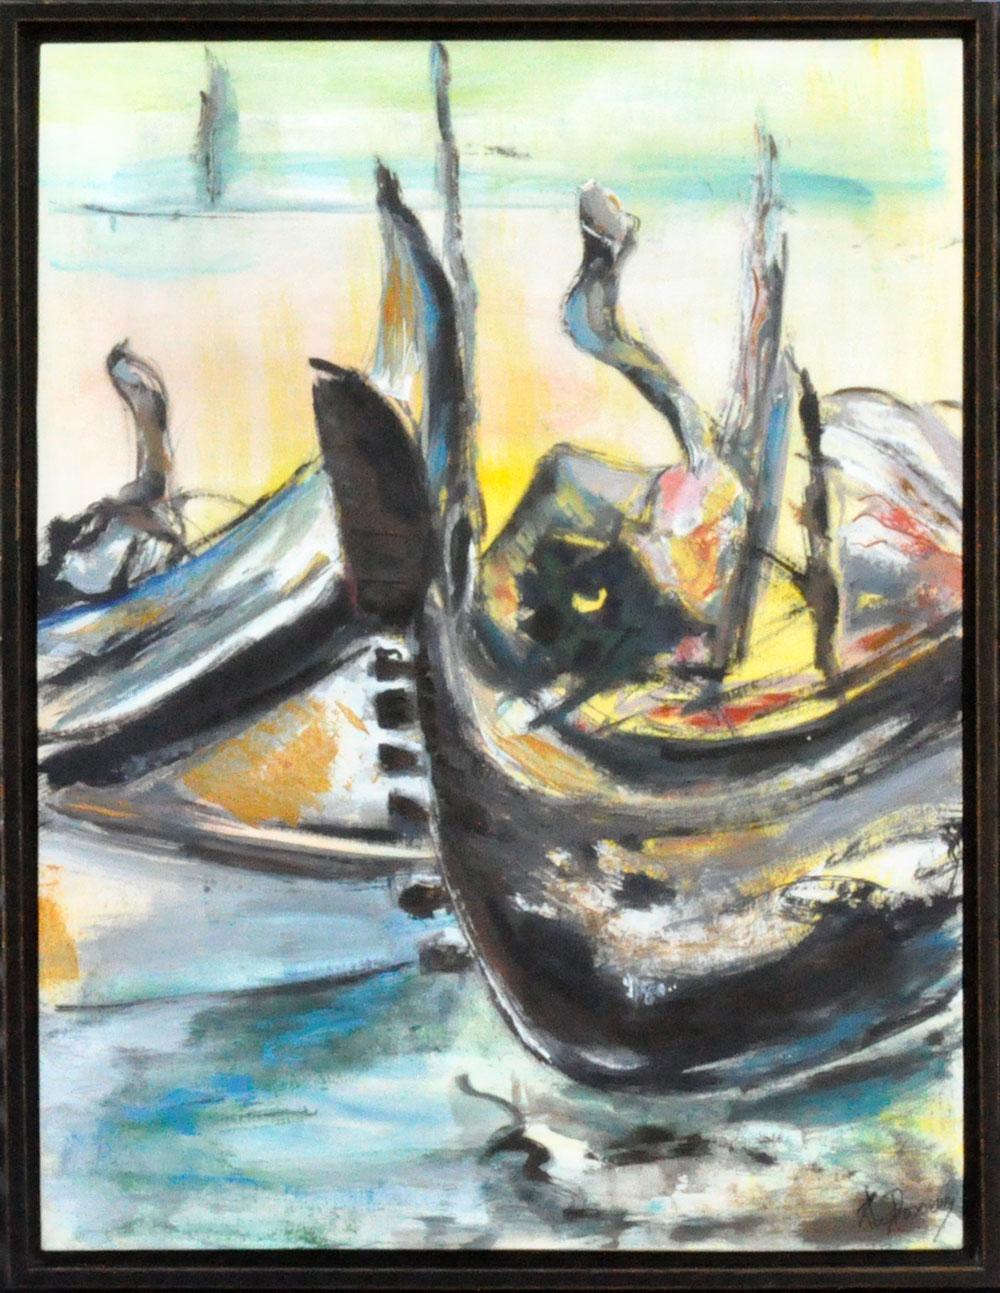 Gondoles2 Huile sur papier marouflé sur toile 47cm x 61cm (Réservé)